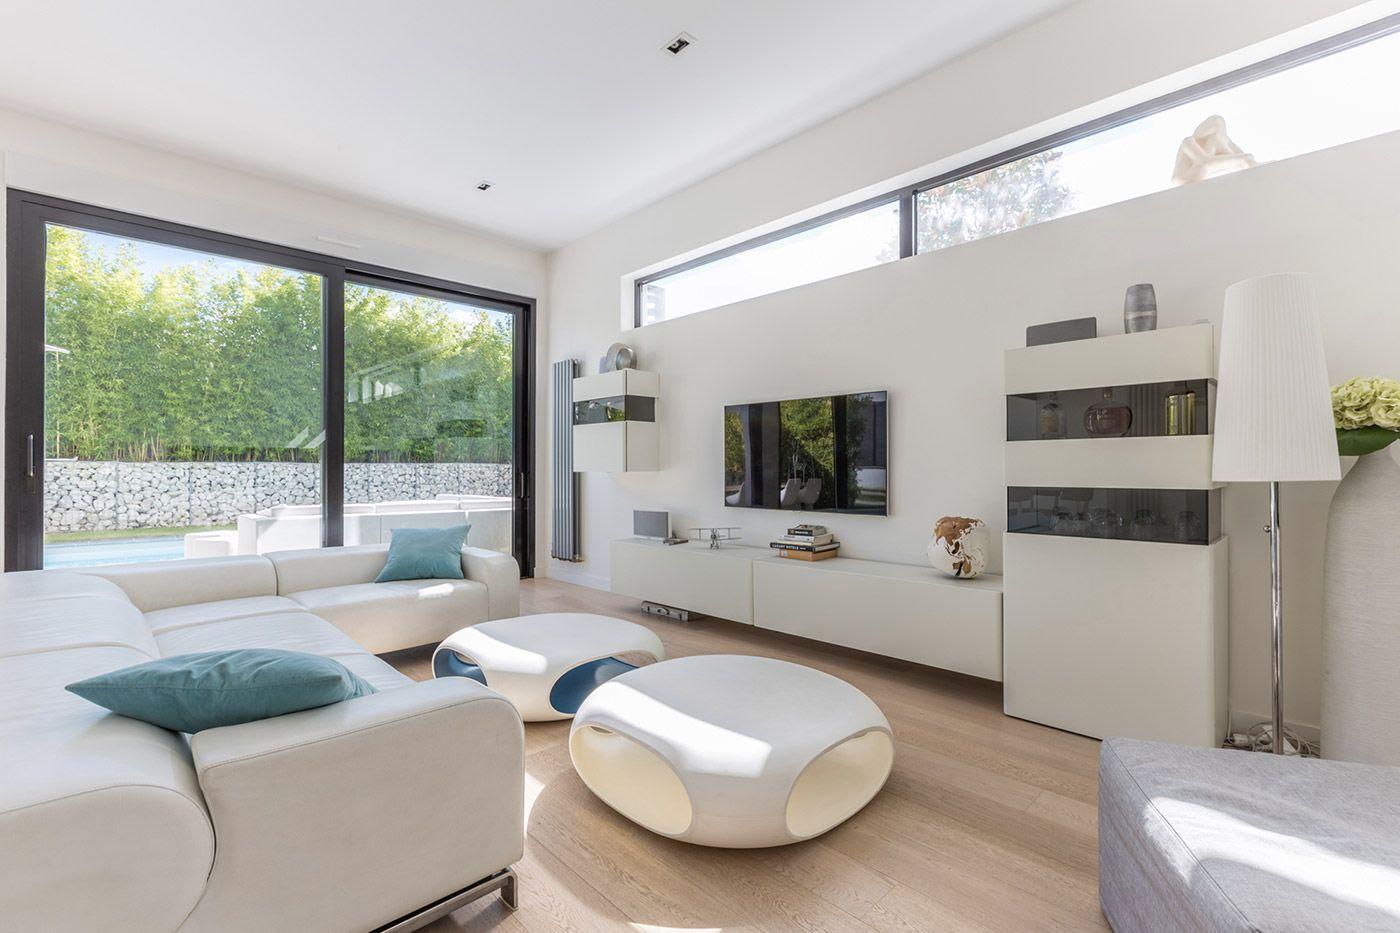 Architecture épurée et design minimaliste pour une maison ossature bois du groupe futura la maison bois par maisons bois com